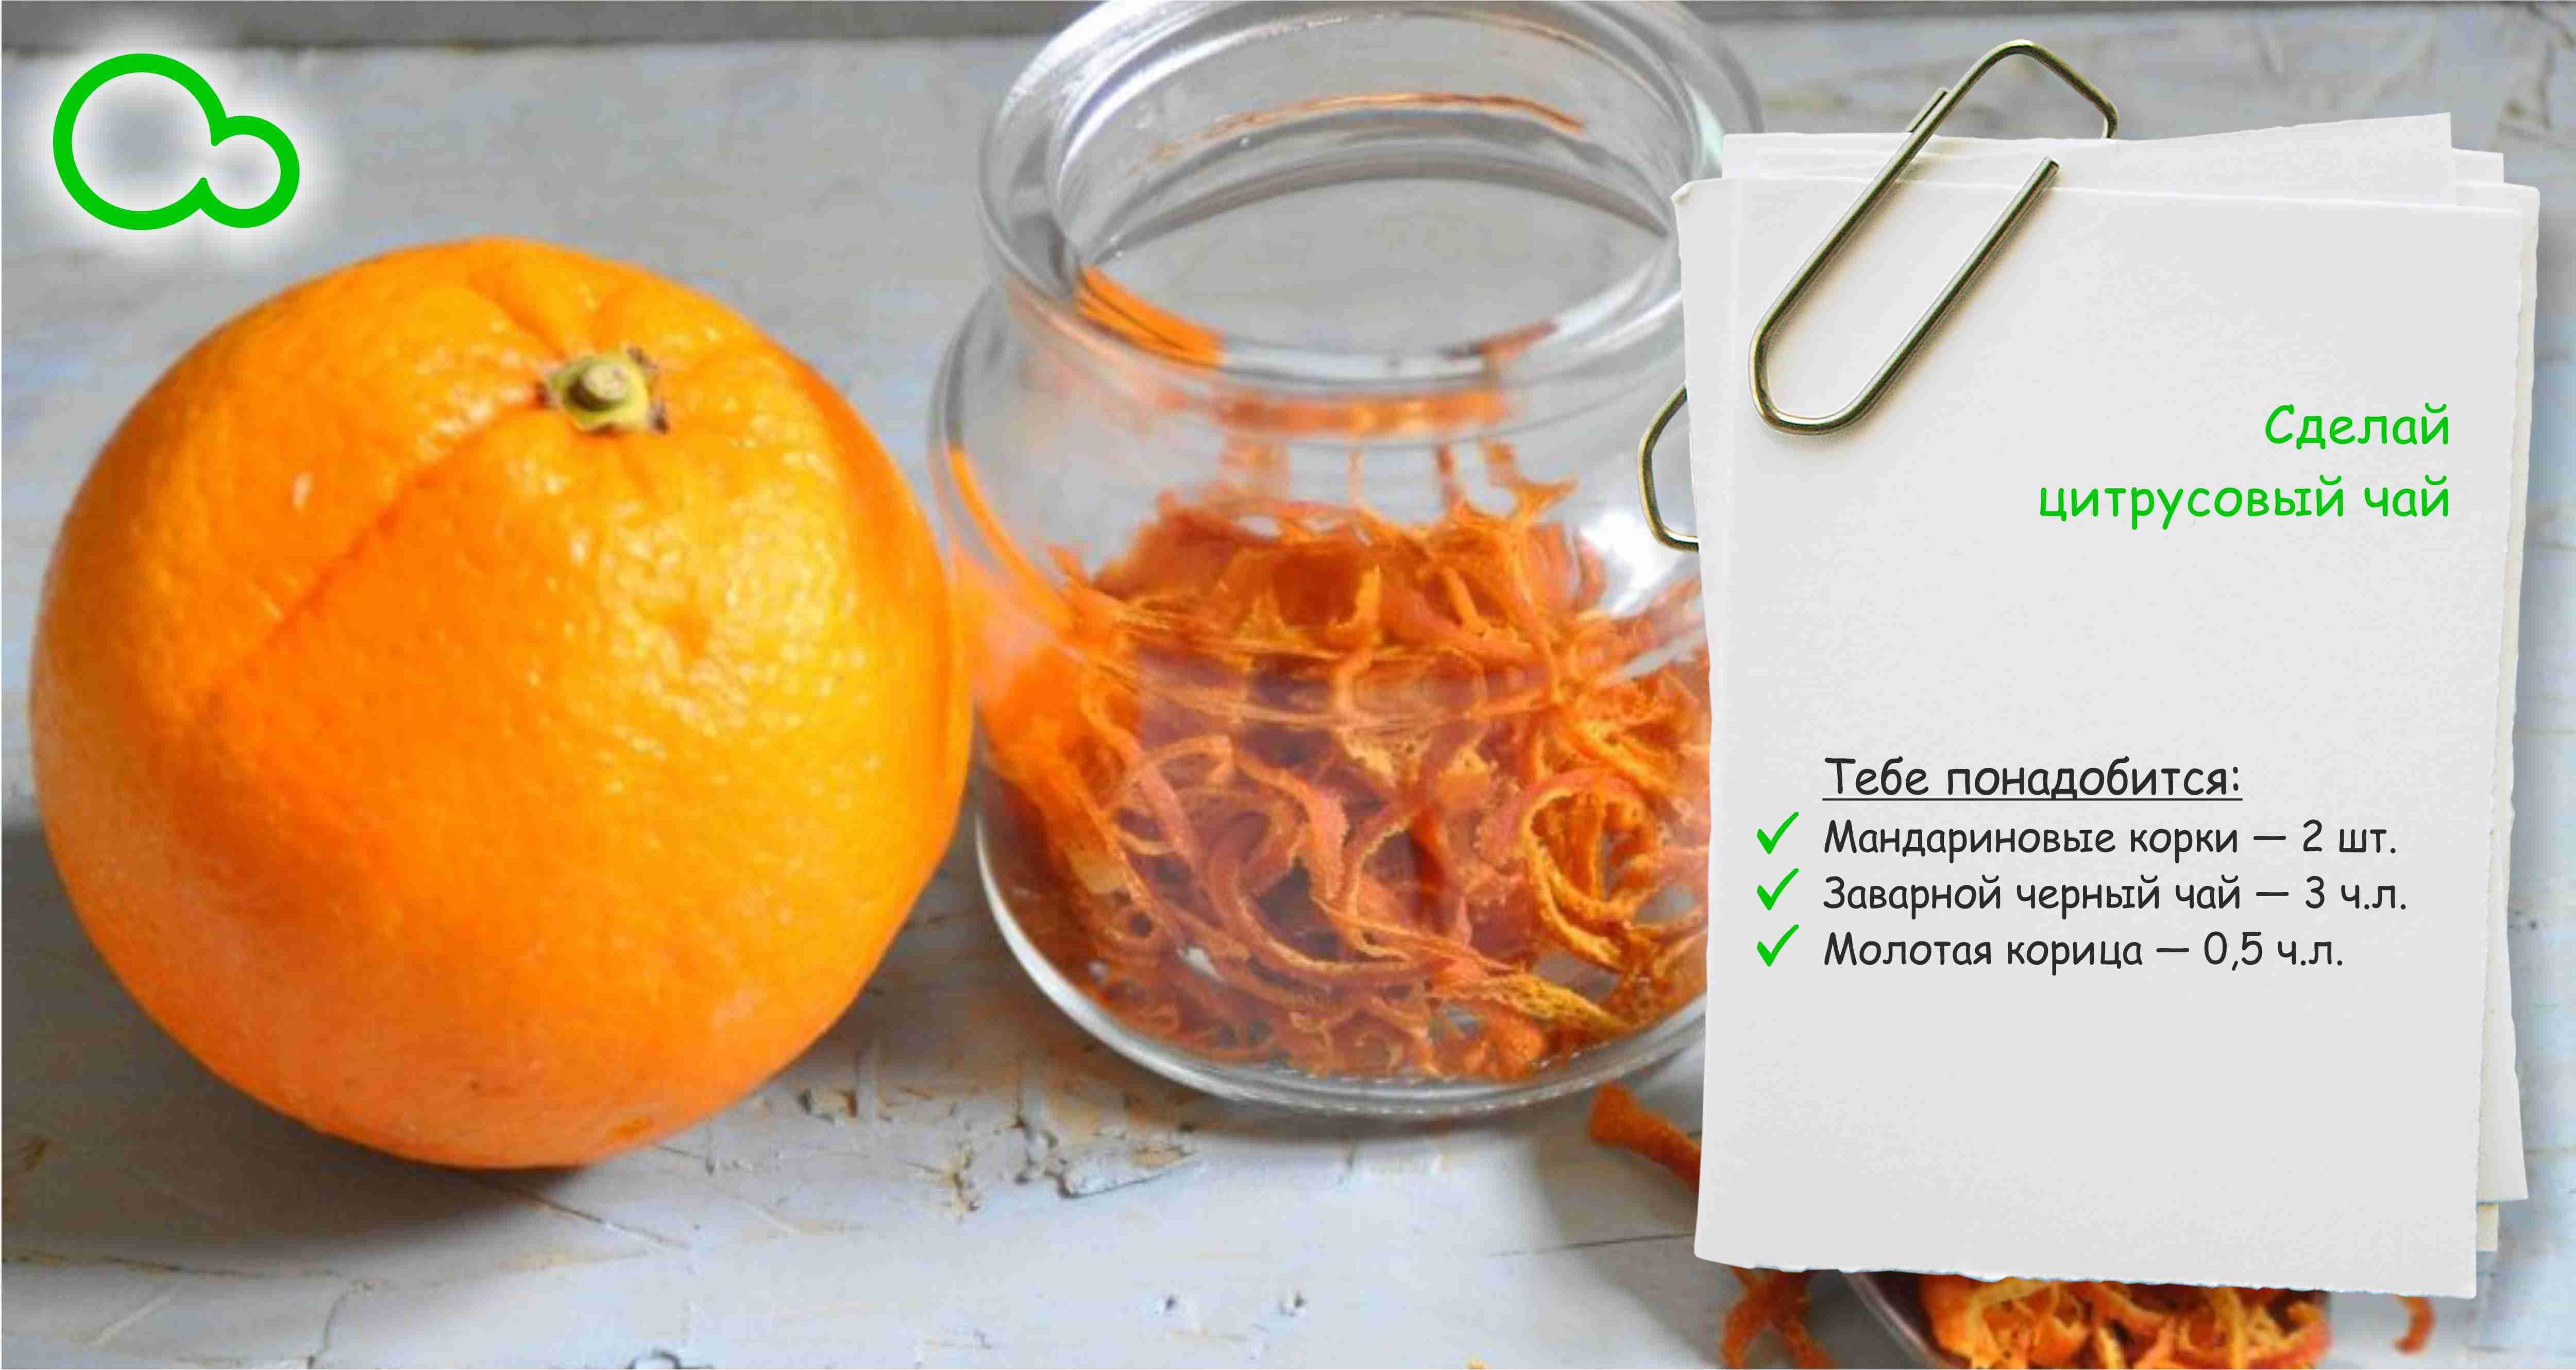 Корки мандарина: полезные свойства, как заваривать чай